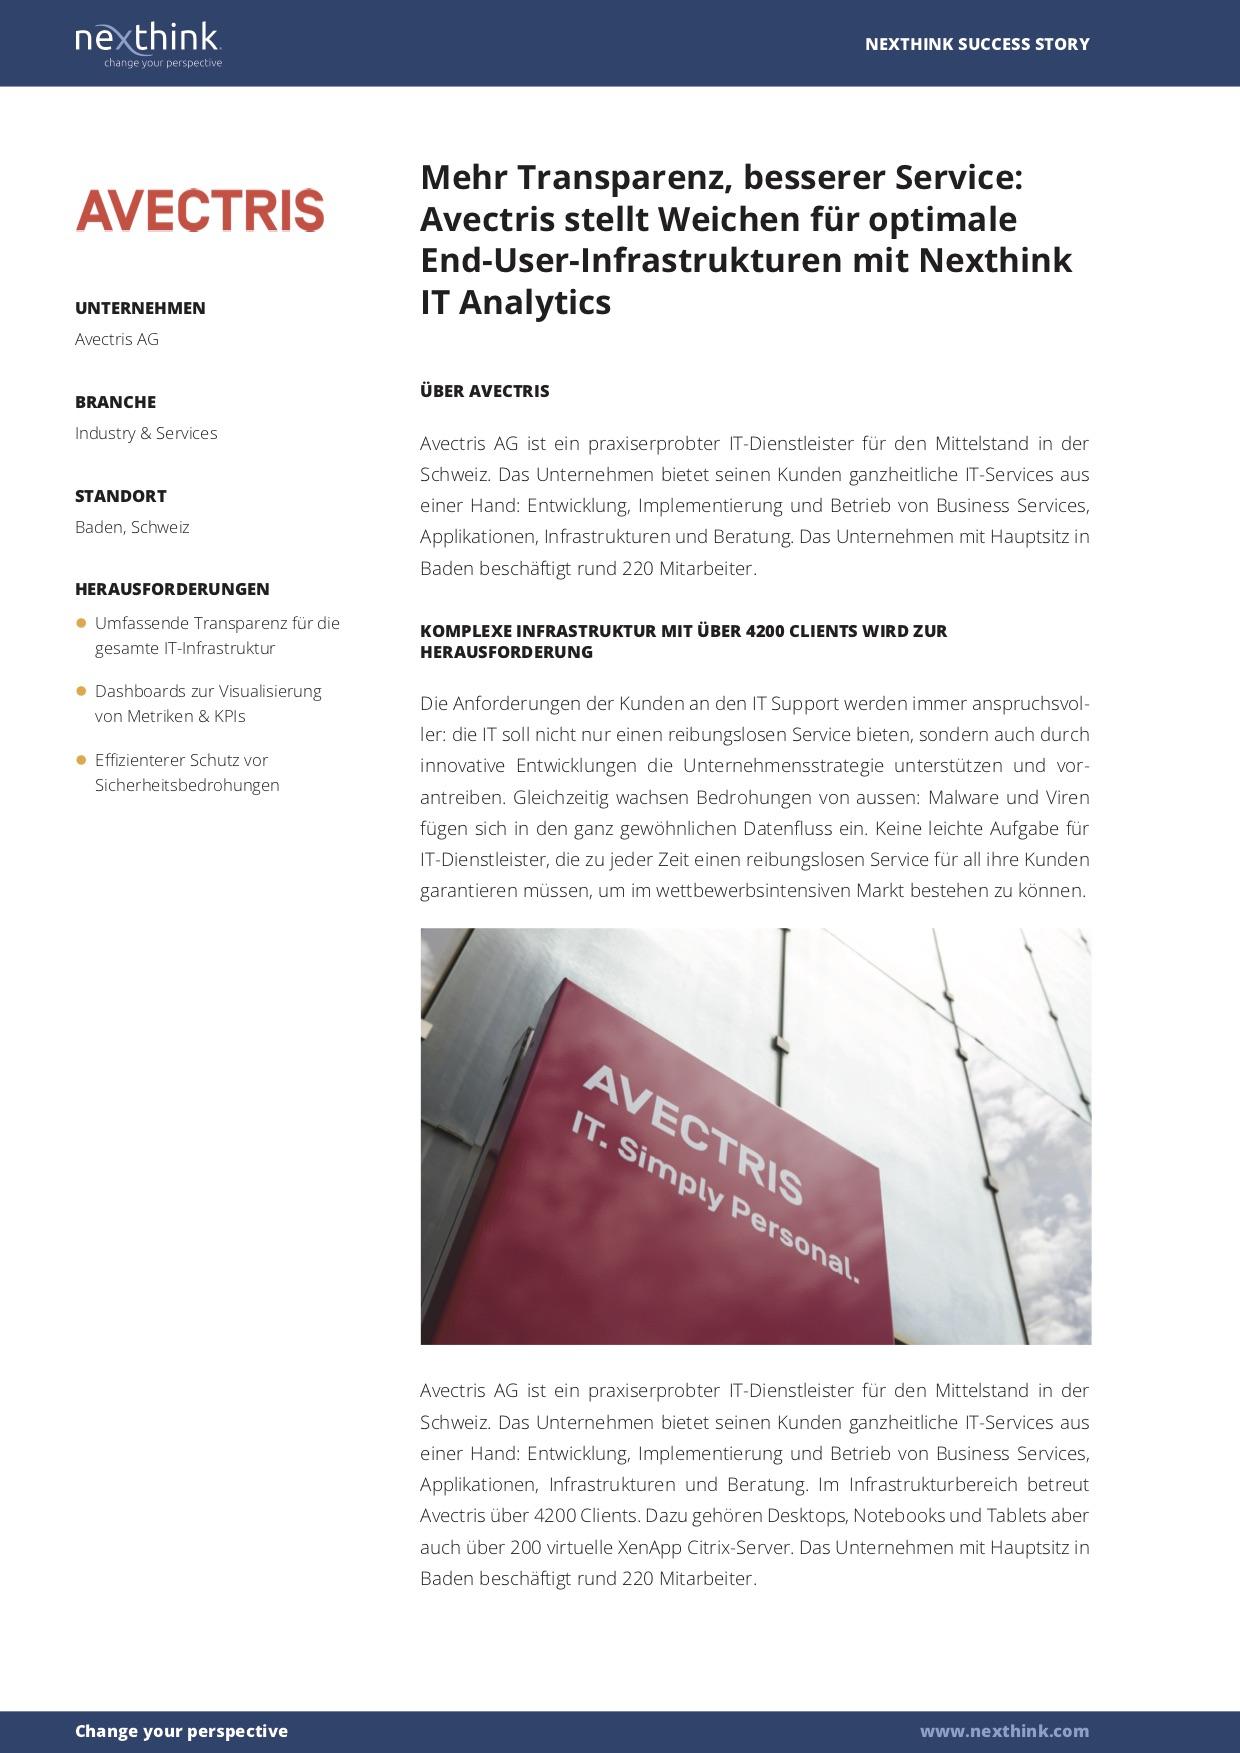 Avectris stellt Weichen für optimale End-User-Infrastrukturen mit Nexthink IT Analytics